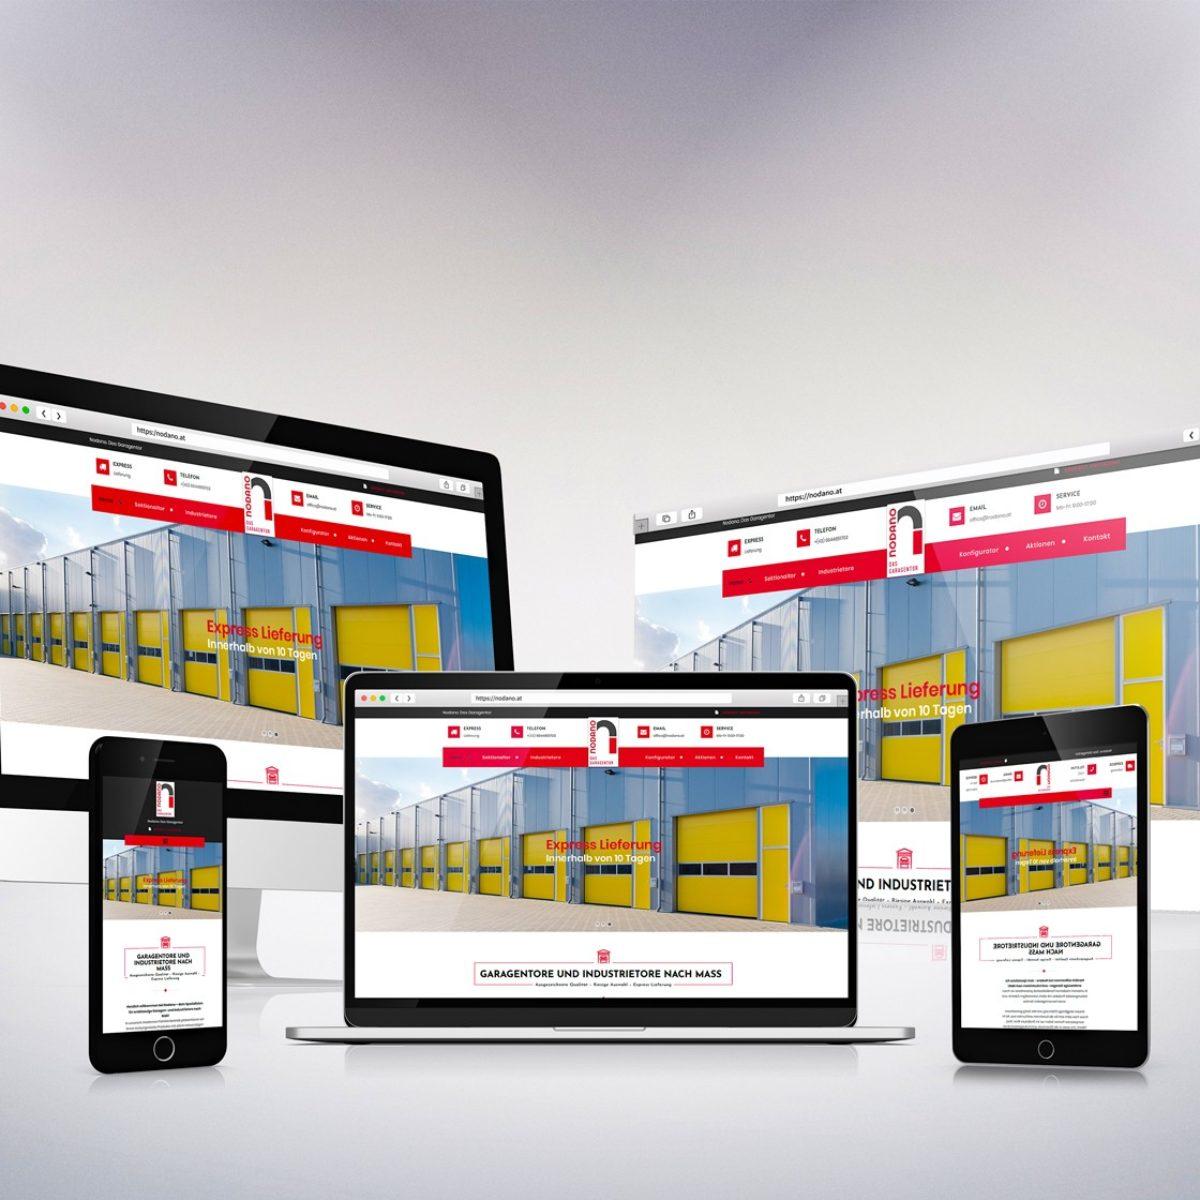 Webdesign Beispielprojekt Nodano Garagentore